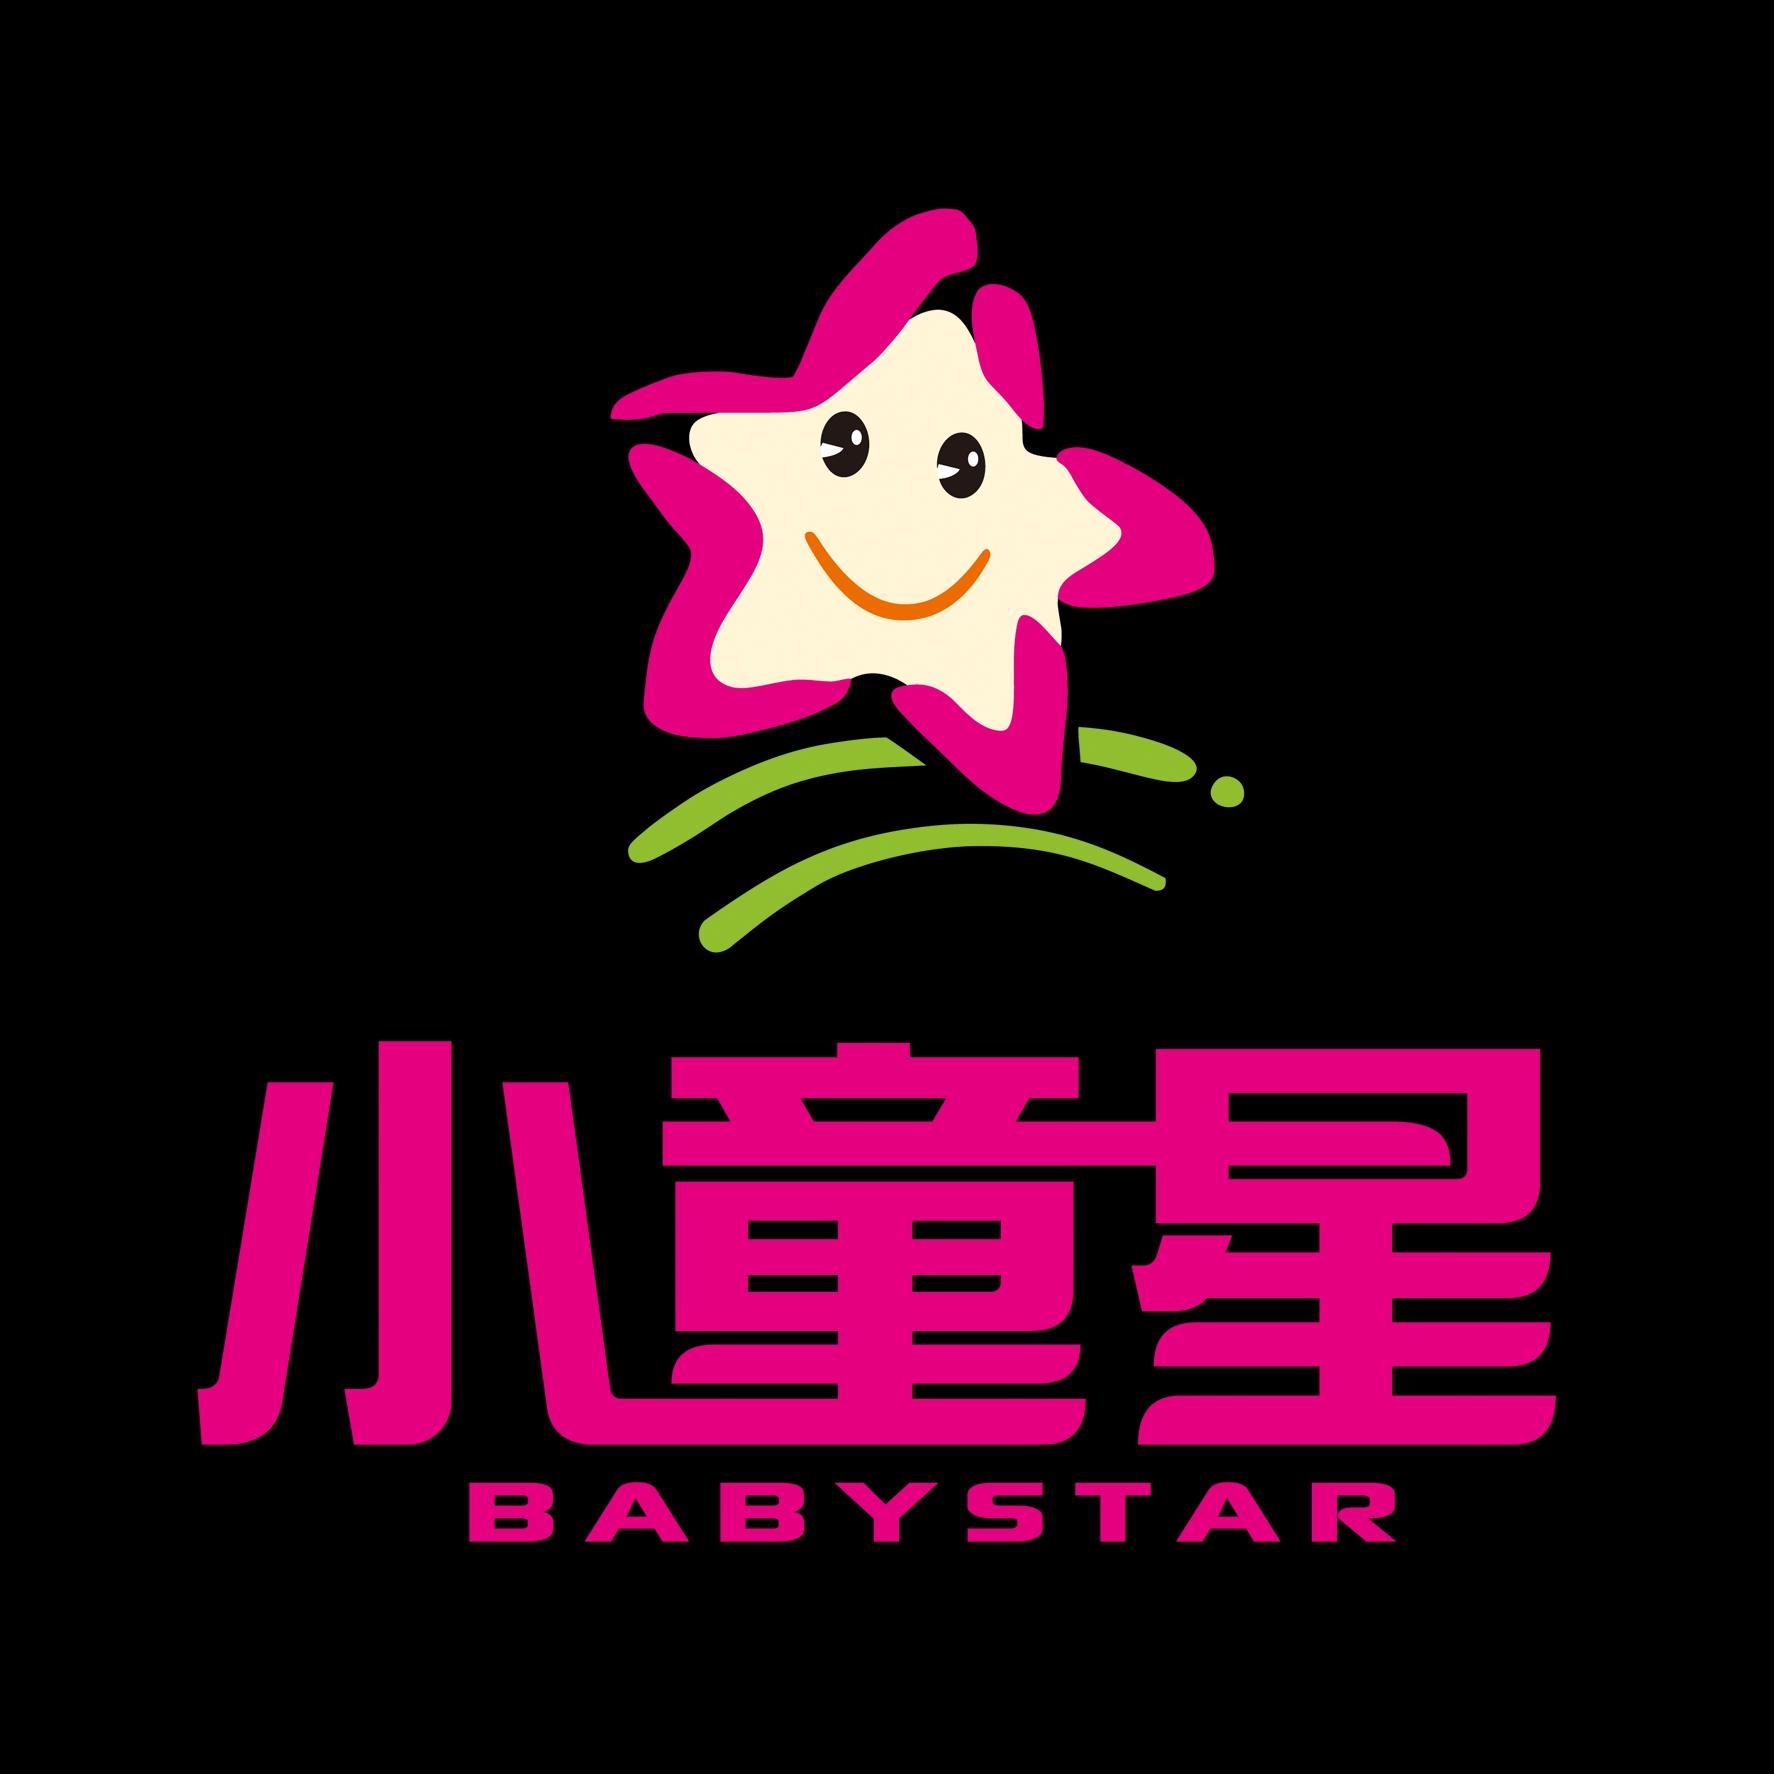 杭州小童星儿童艺术策划有限公司